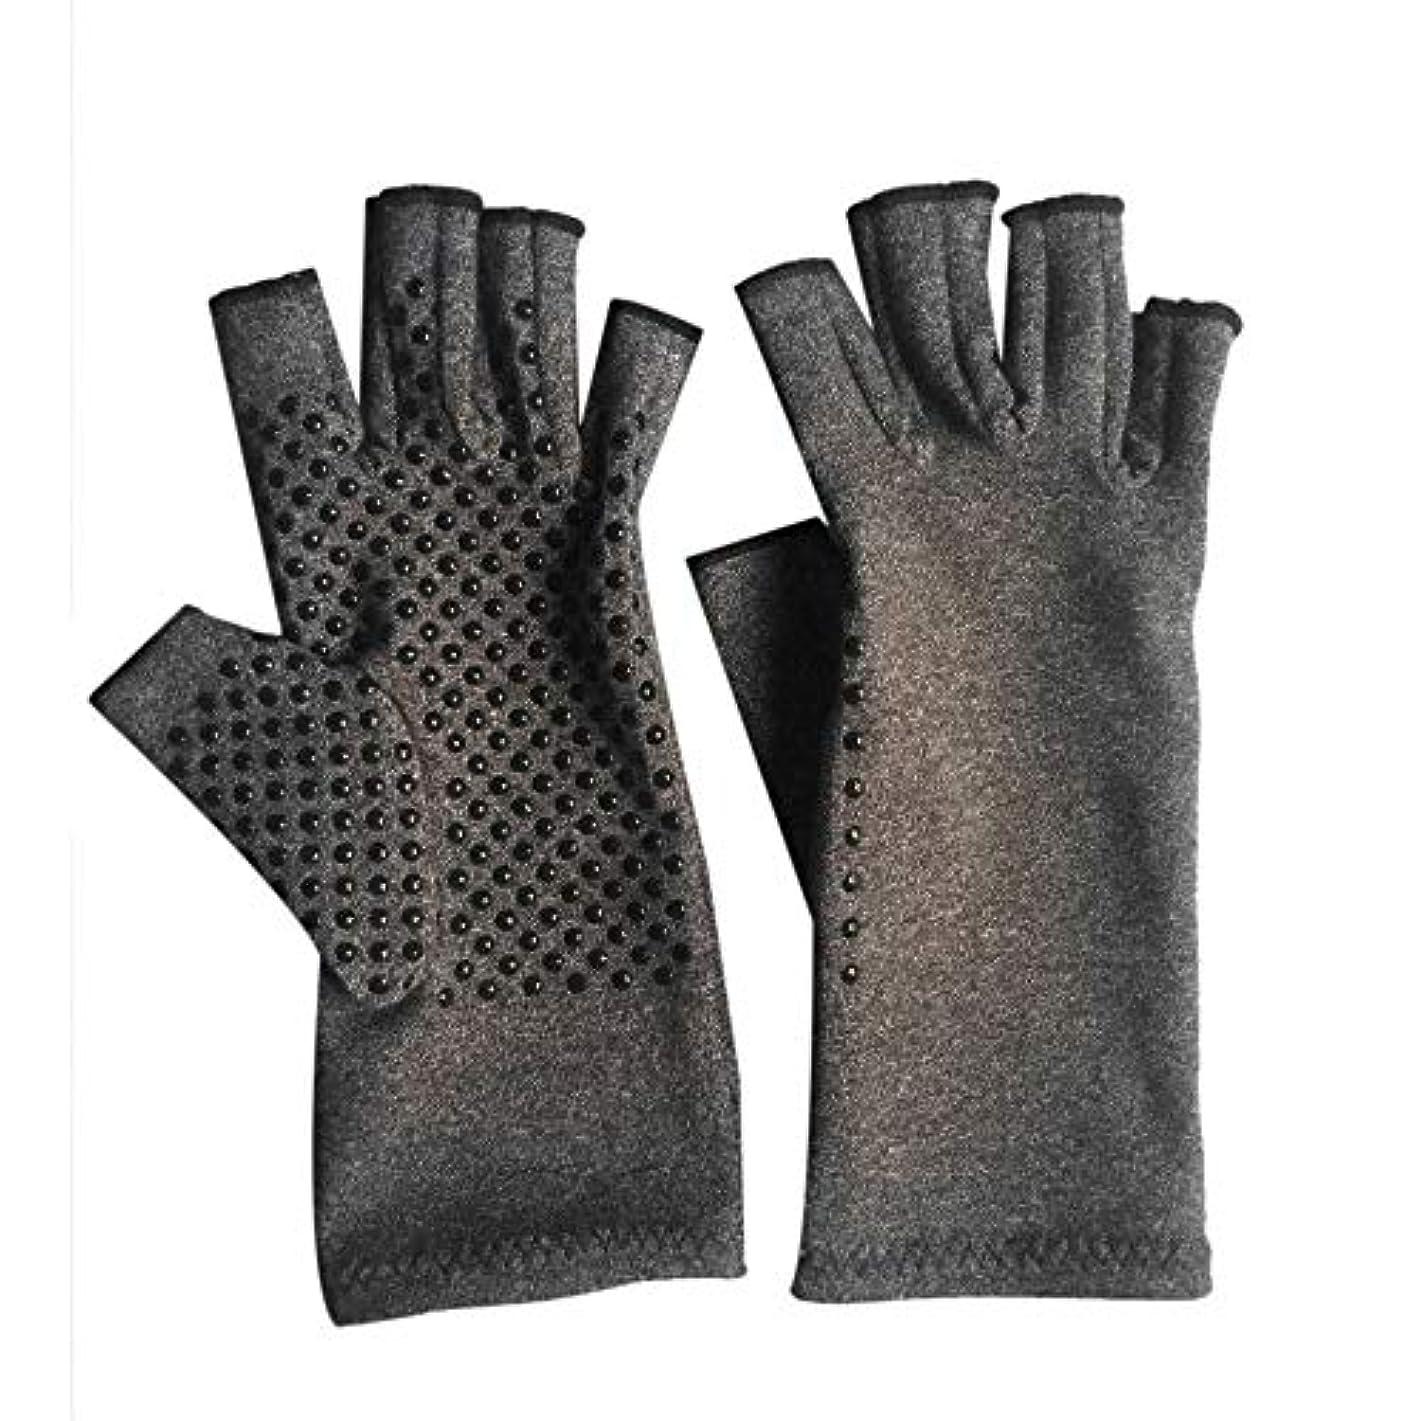 マグ隙間代わりの1ペアユニセックス男性女性療法圧縮手袋関節炎関節痛緩和ヘルスケア半指手袋トレーニング手袋 - グレーM